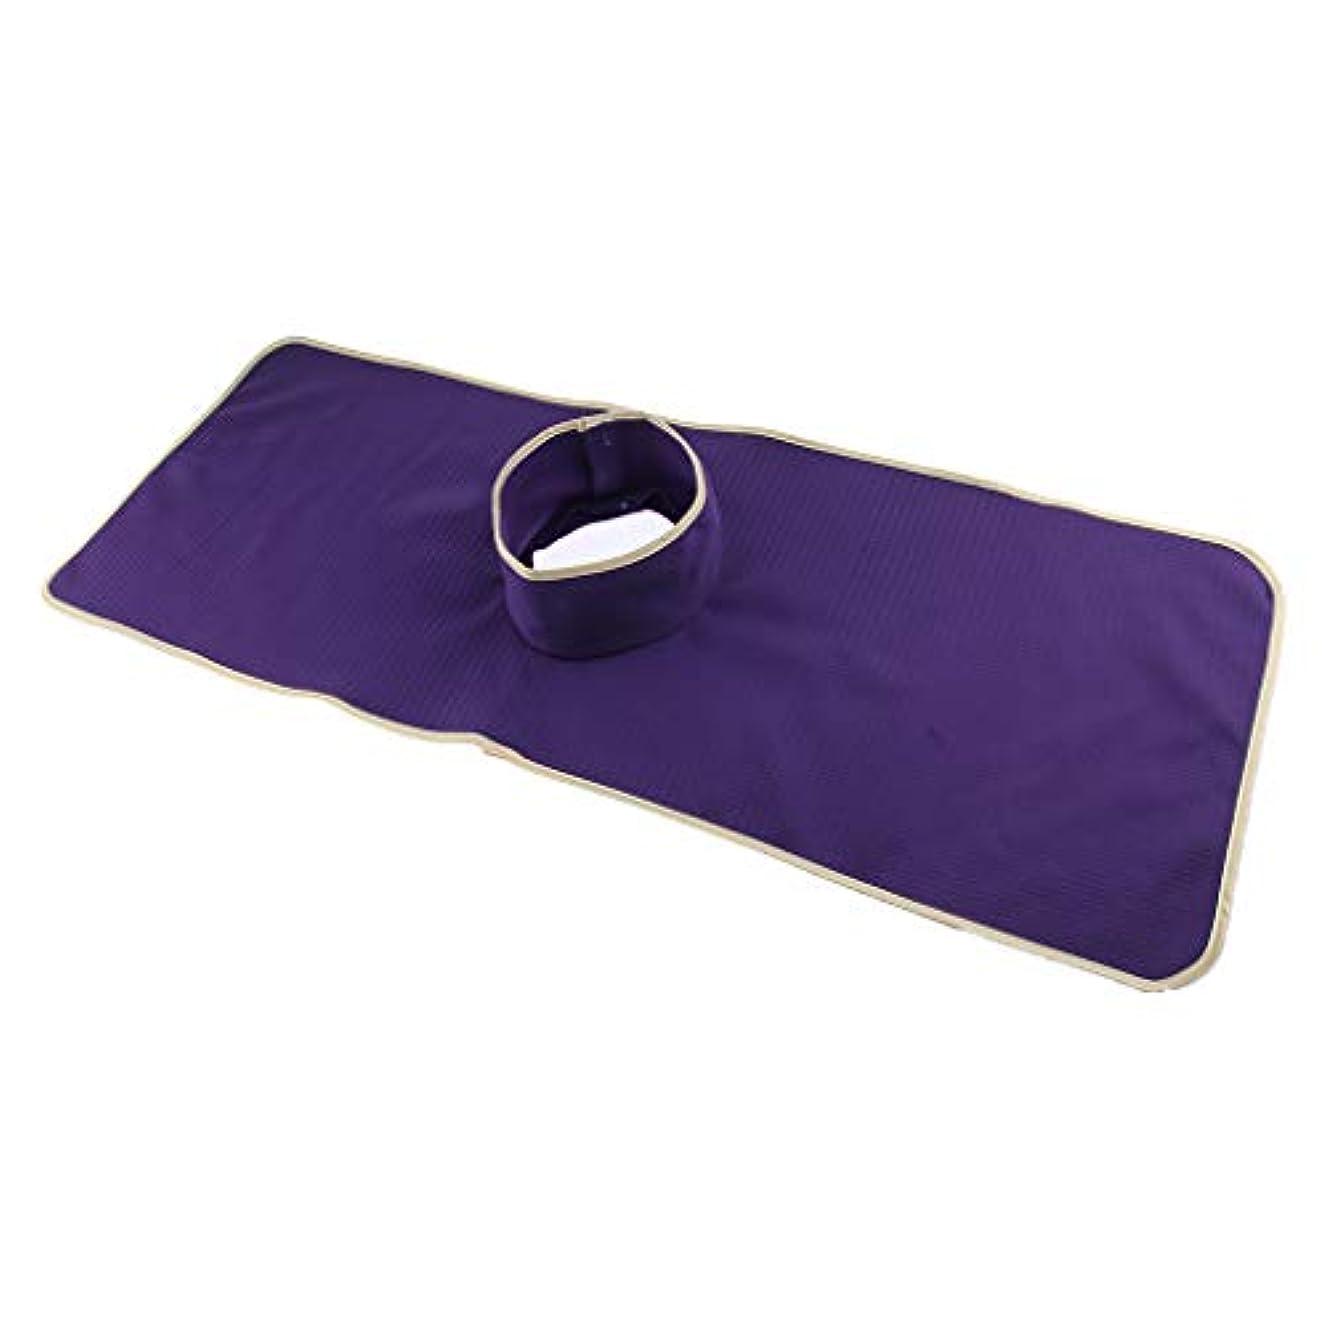 シャベルエステートとらえどころのない洗える指圧マッサージベッドタトゥーテーブルシートパッドマットフェイスホールカバー - 紫